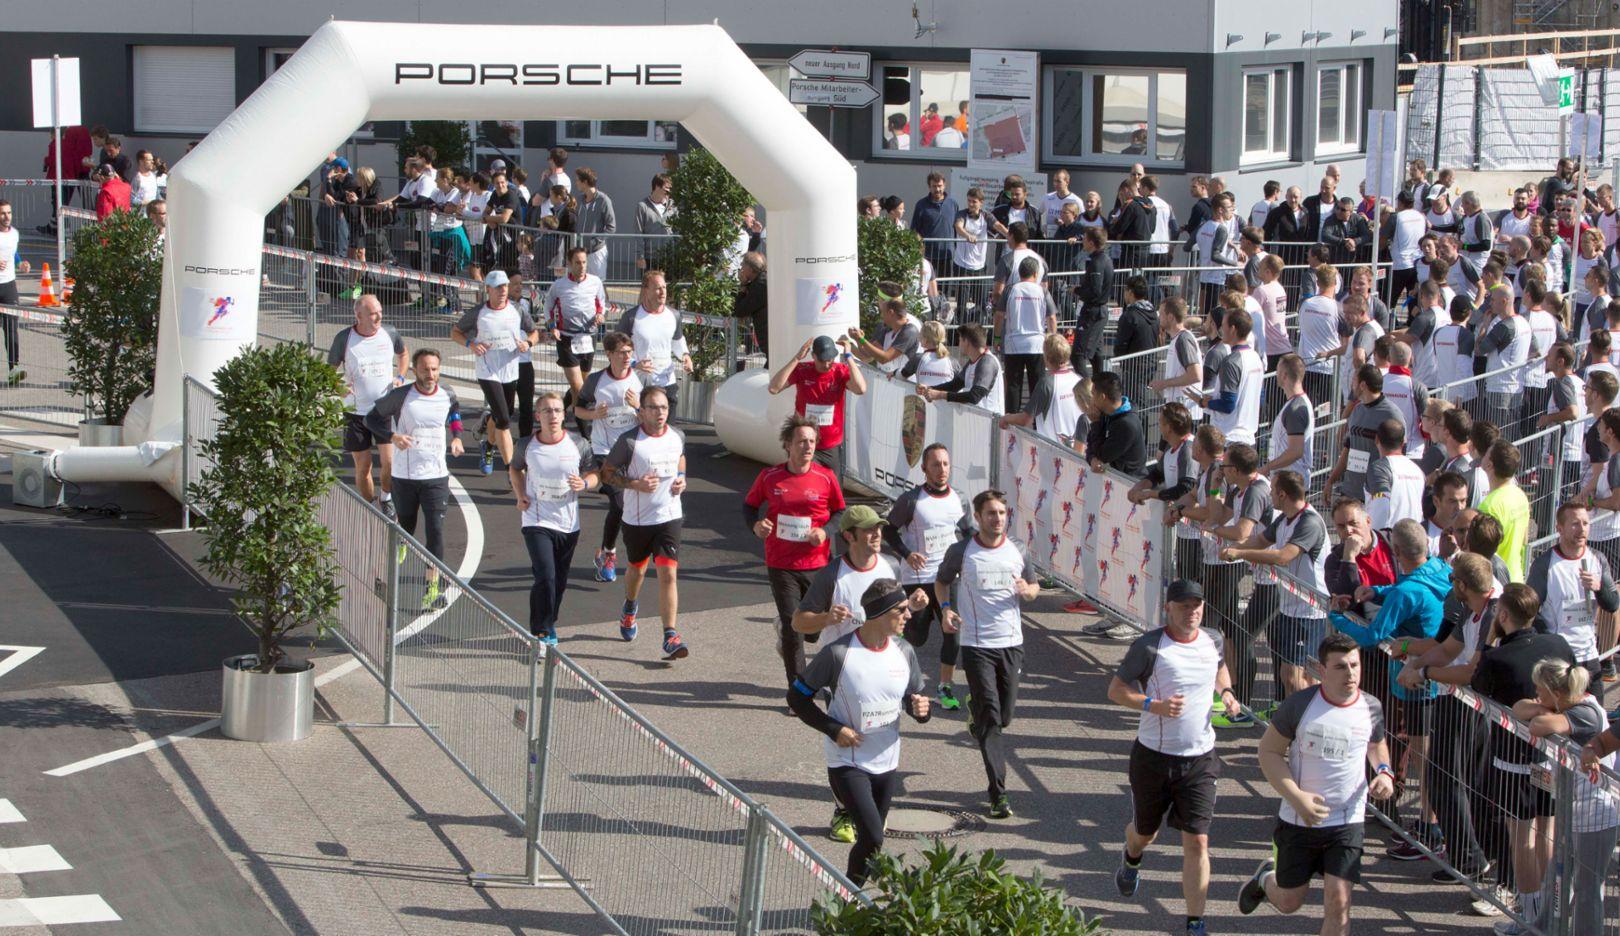 Porsche 6-Stunden-Lauf, Zuffenhausen, 2017, Porsche AG